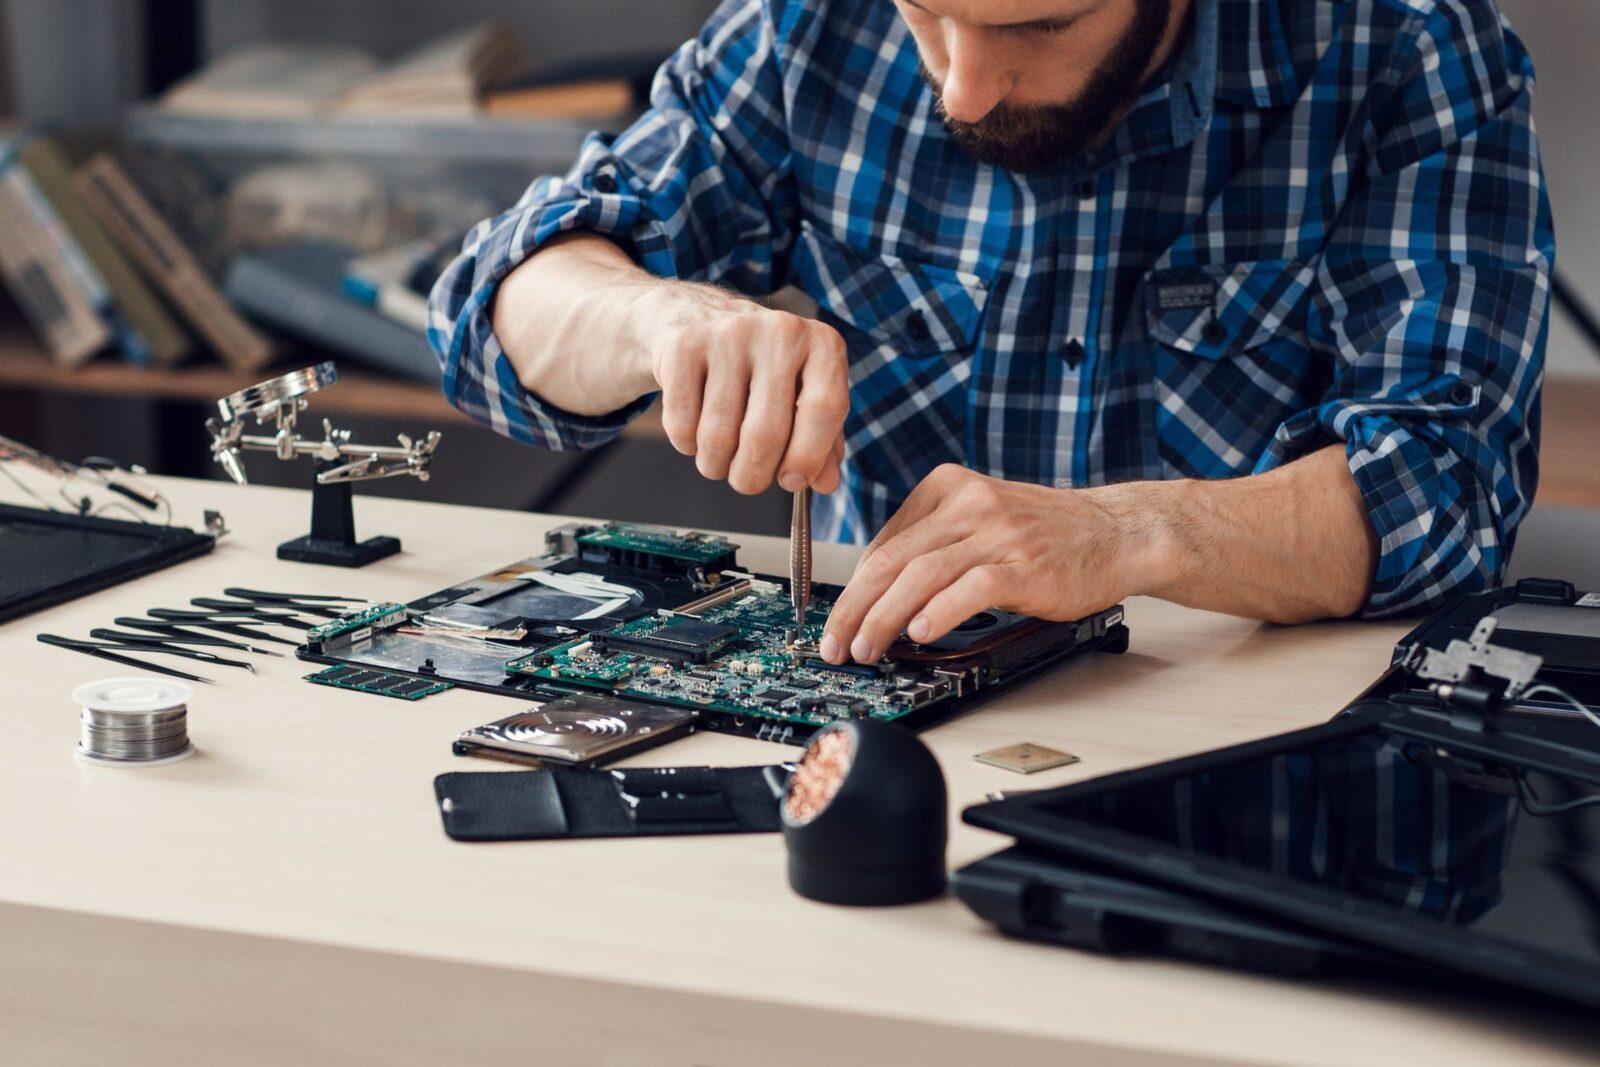 Как самостоятельно починить ноутбук